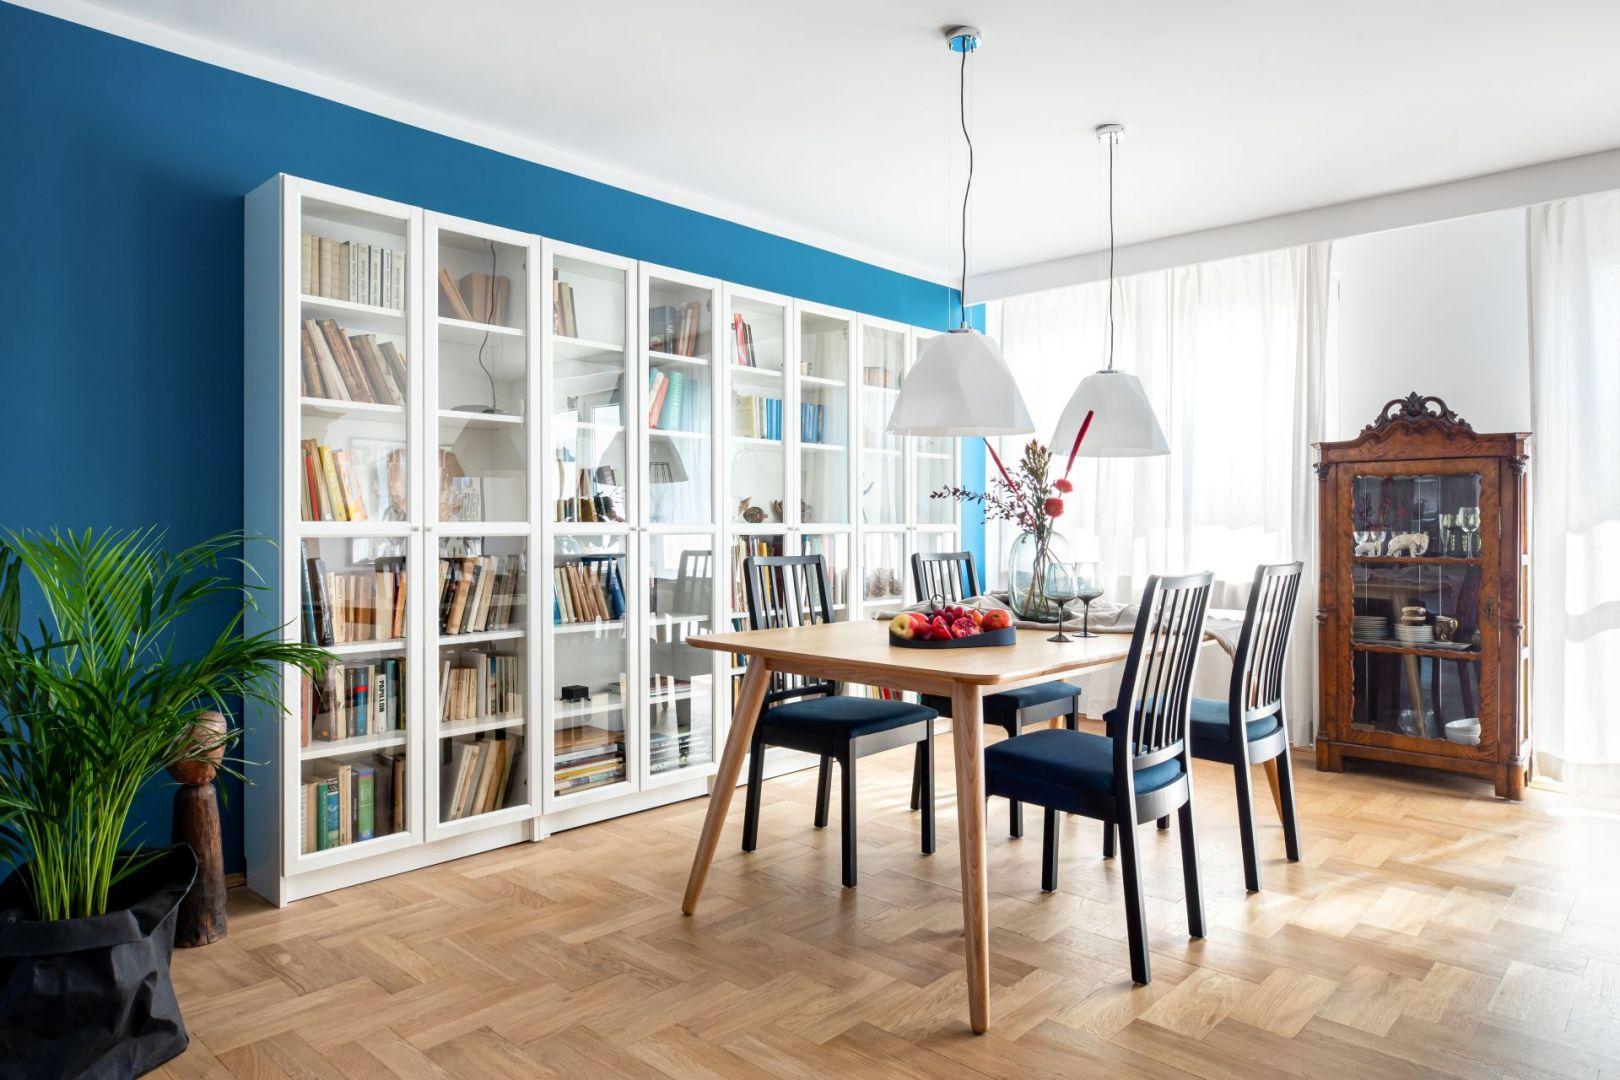 Biała przeszklona szafa to miejsce na książki i pamiątki właściciela. Projekt: Maria Nielubszyc, pracownia Pura Design. Fot. Jakub Nanowski